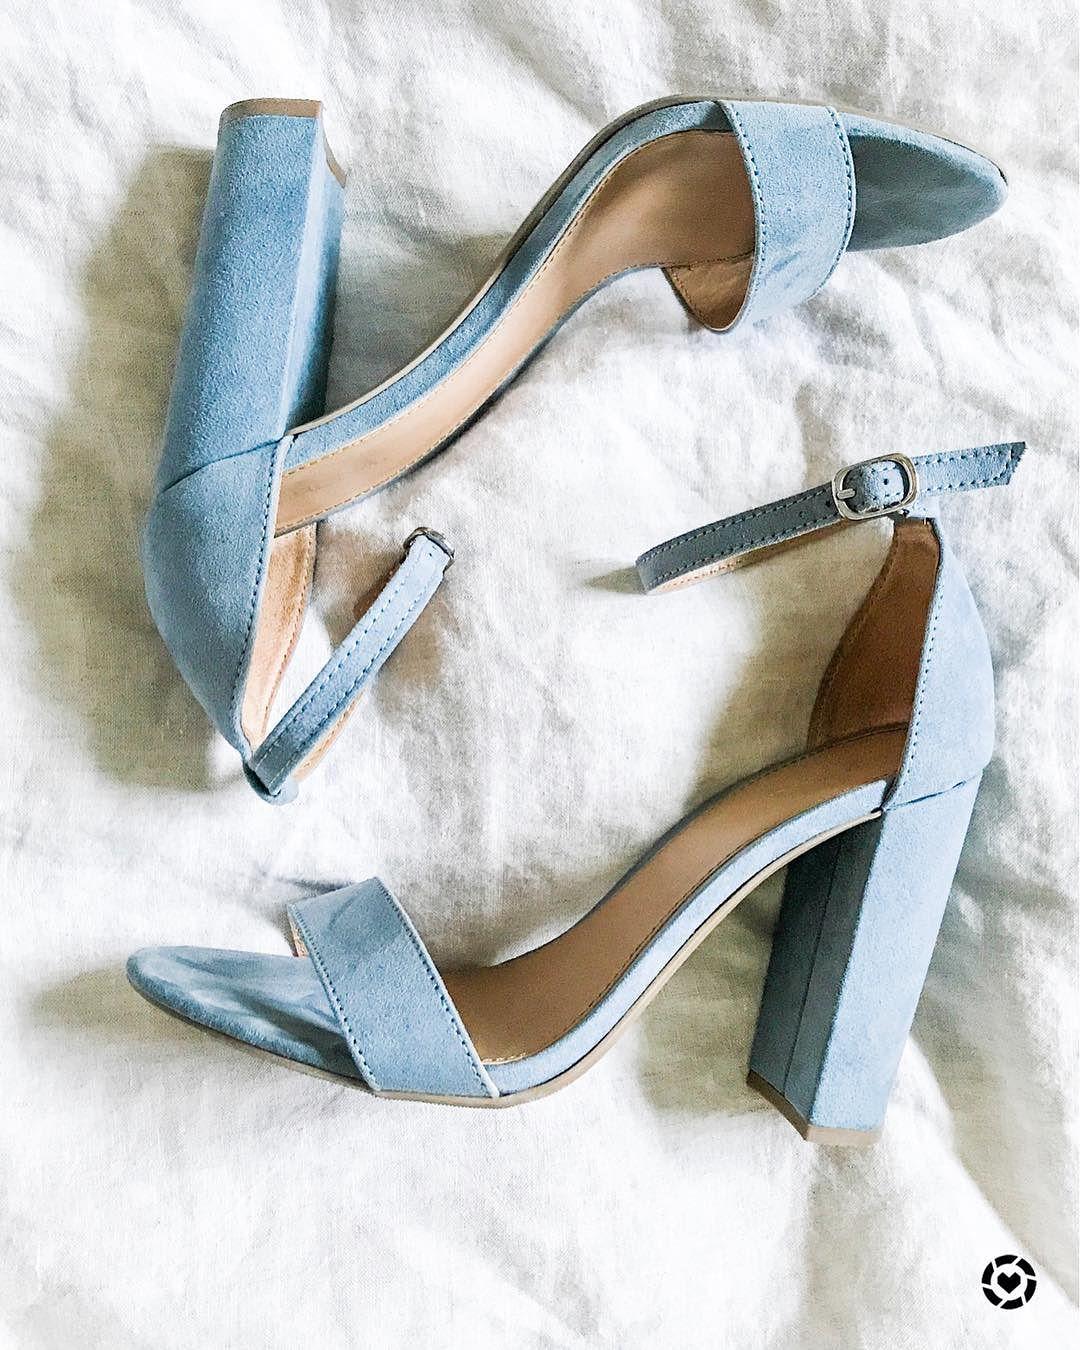 b5d704bb025 Women's Lulu Wide Width High Block Heel Sandal Pumps with Ankle ...